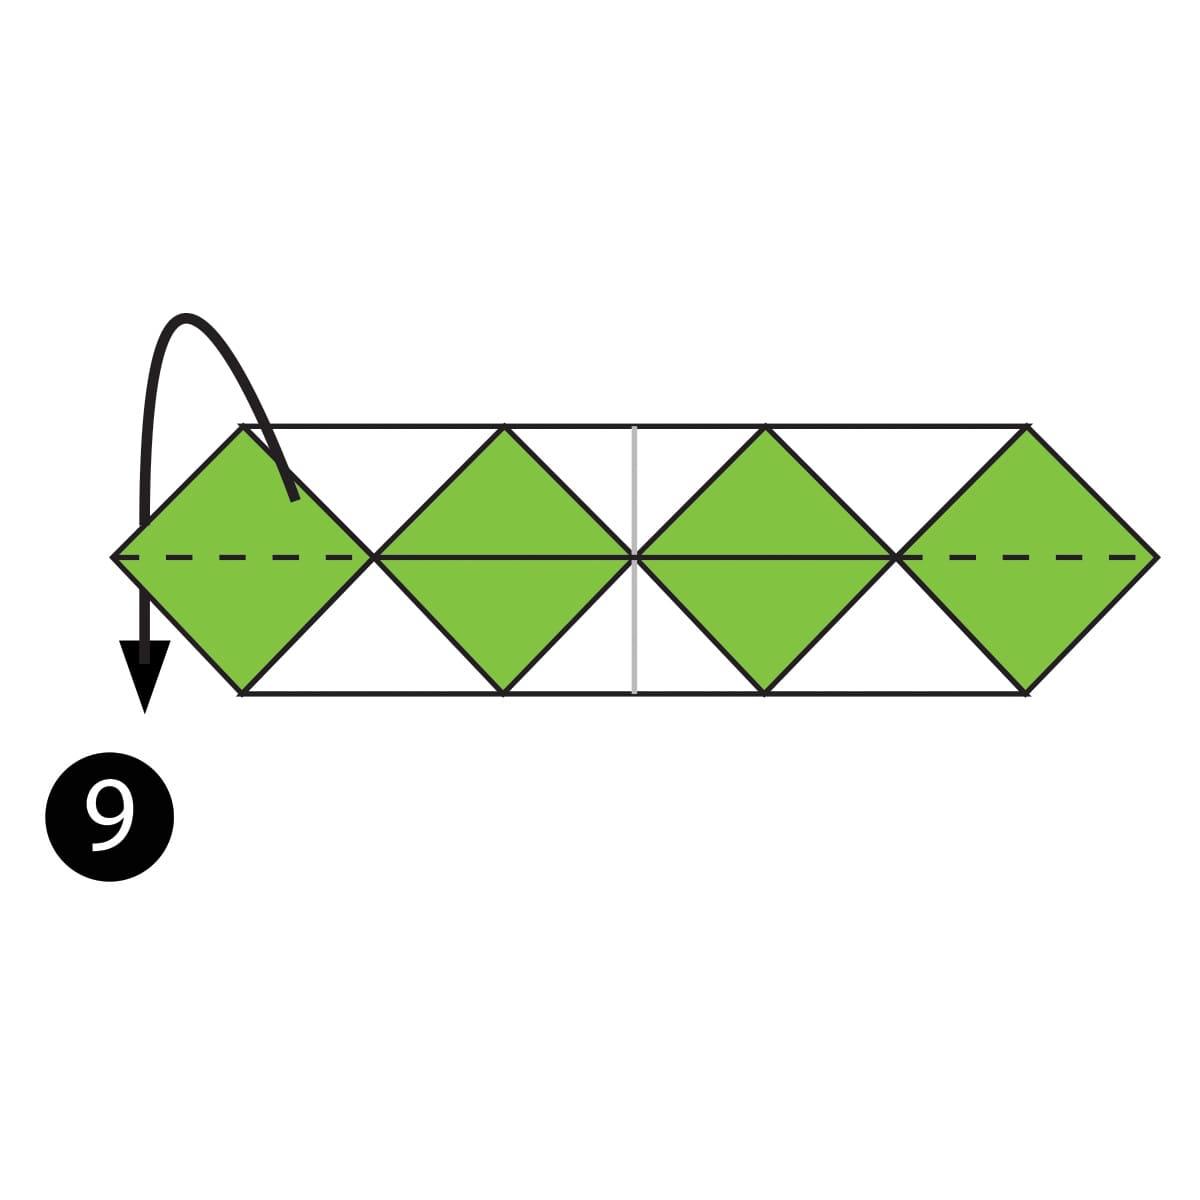 Snake Step 9